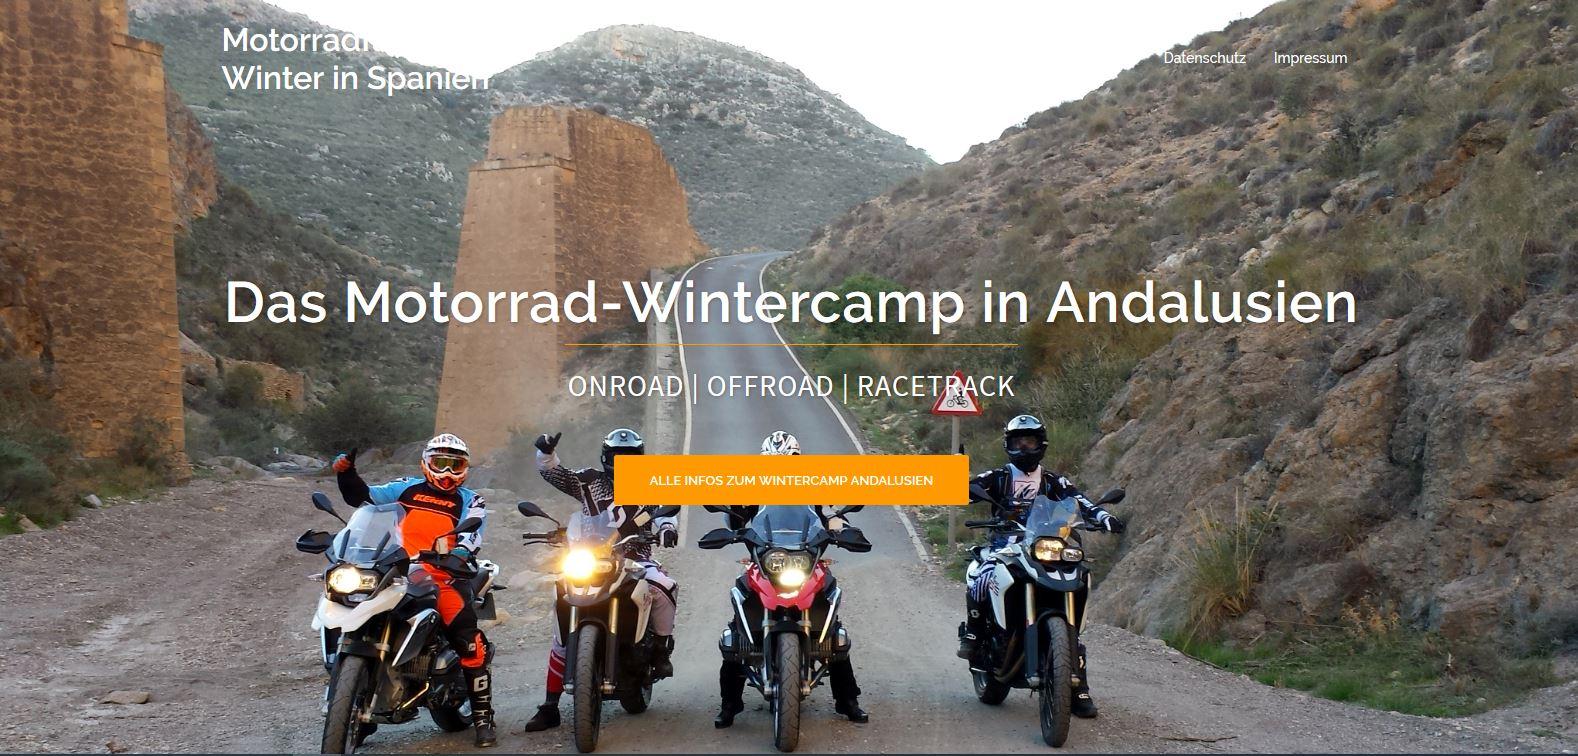 Die Website vom Motorrad-Wintercamp in Andalusien ist online